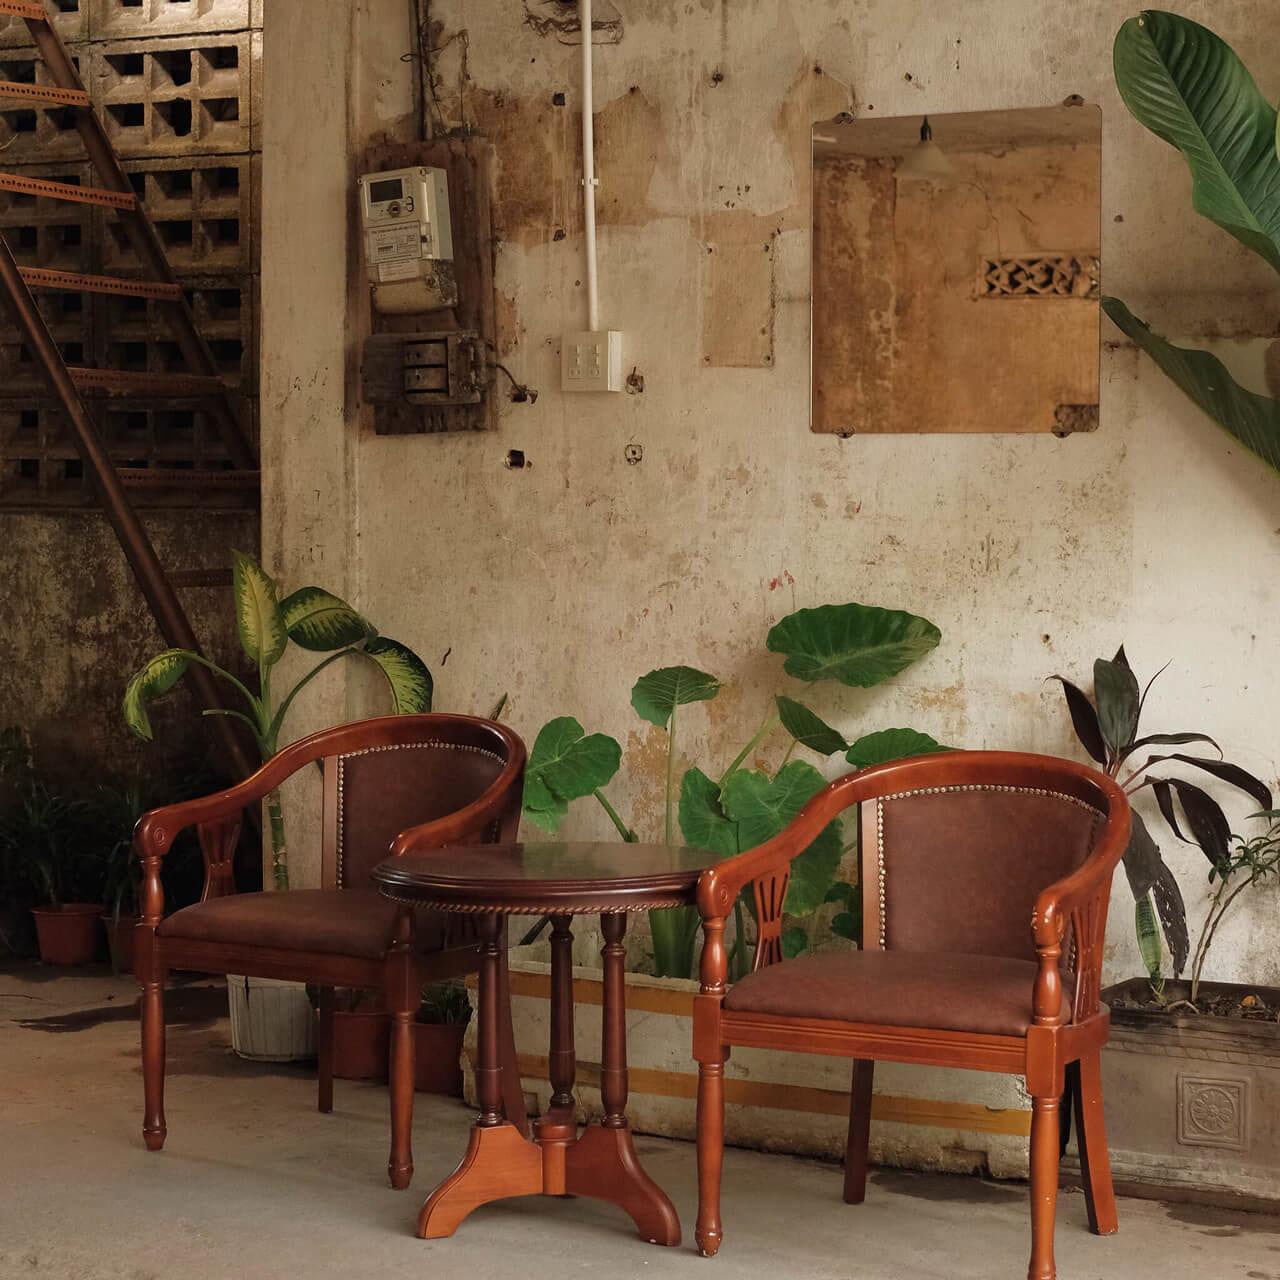 Nét trang trí đậm nét retro và vintage của quán